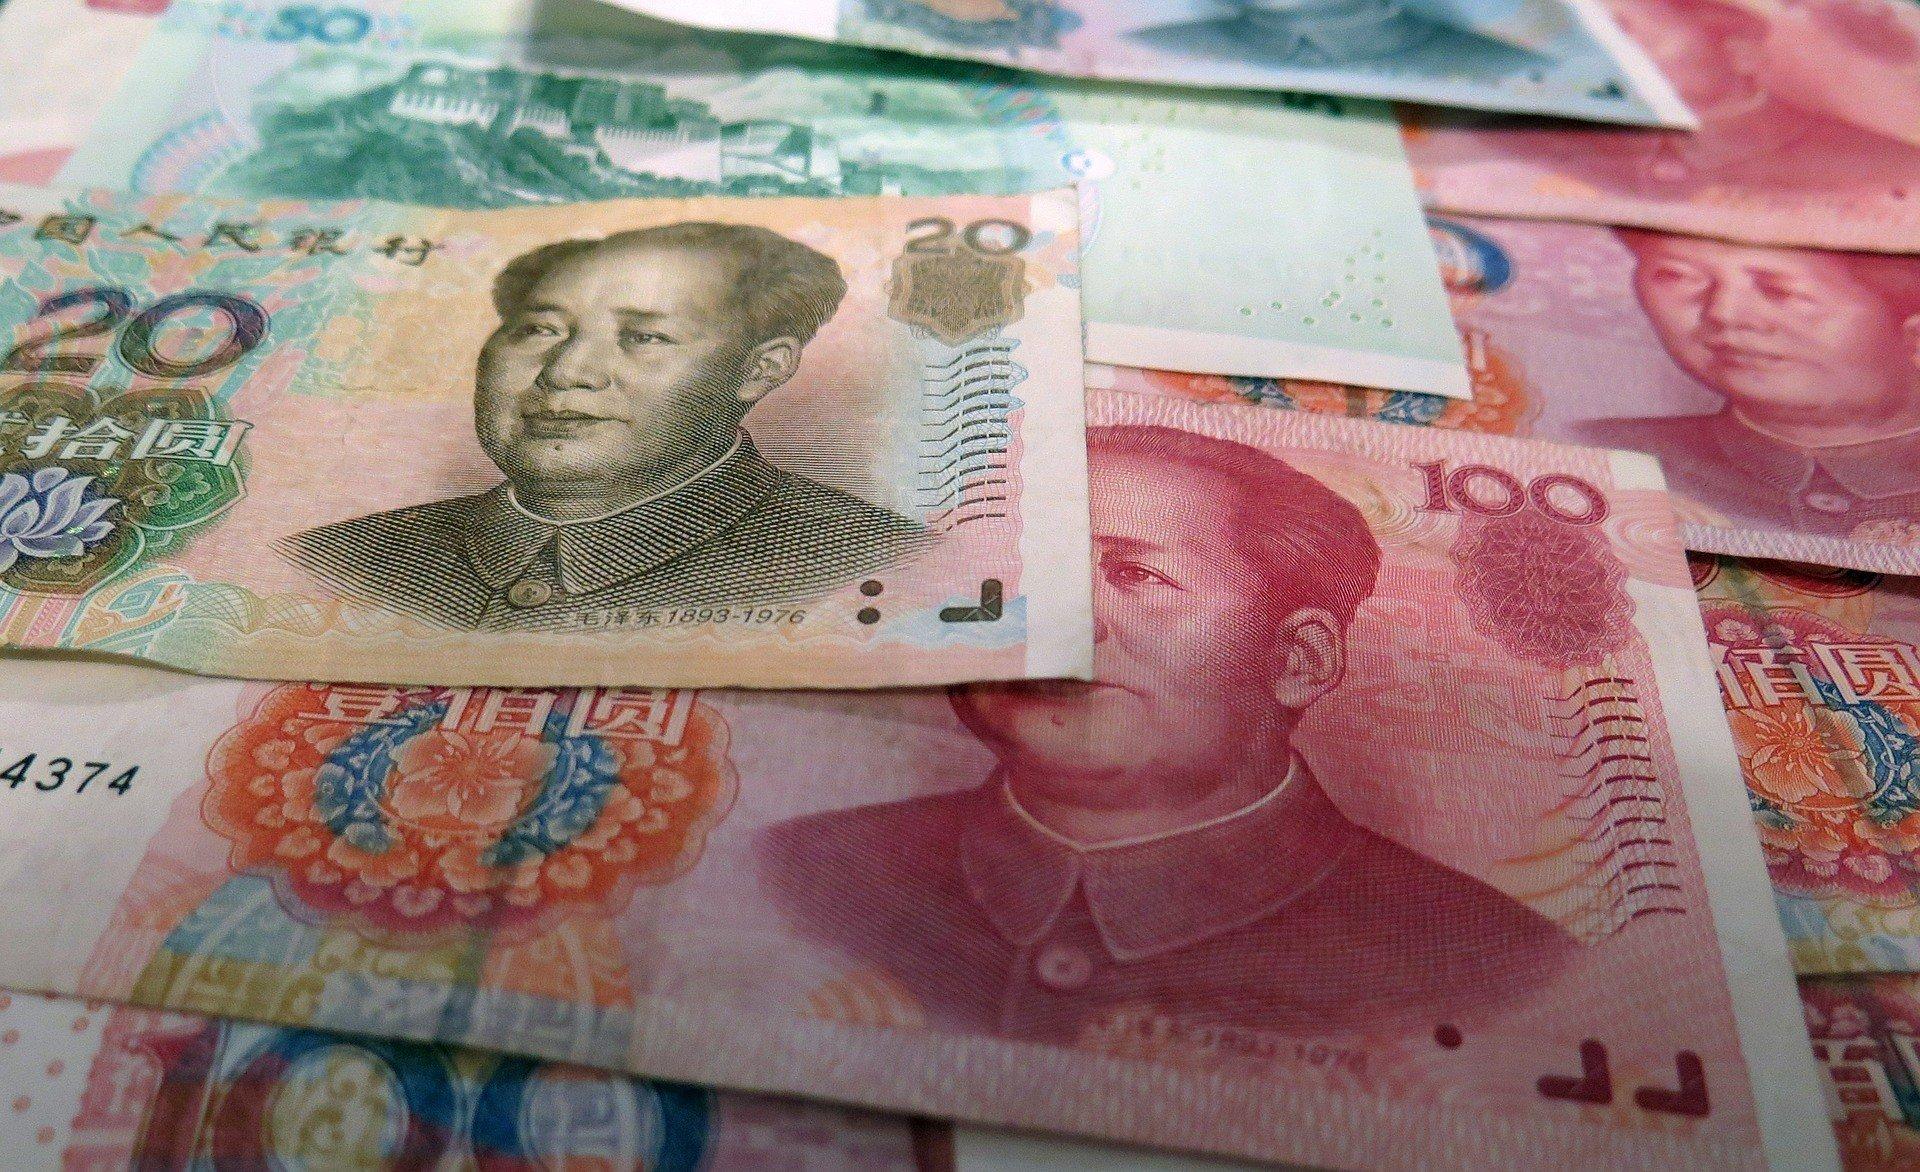 Пекин раздает деньги на покупки